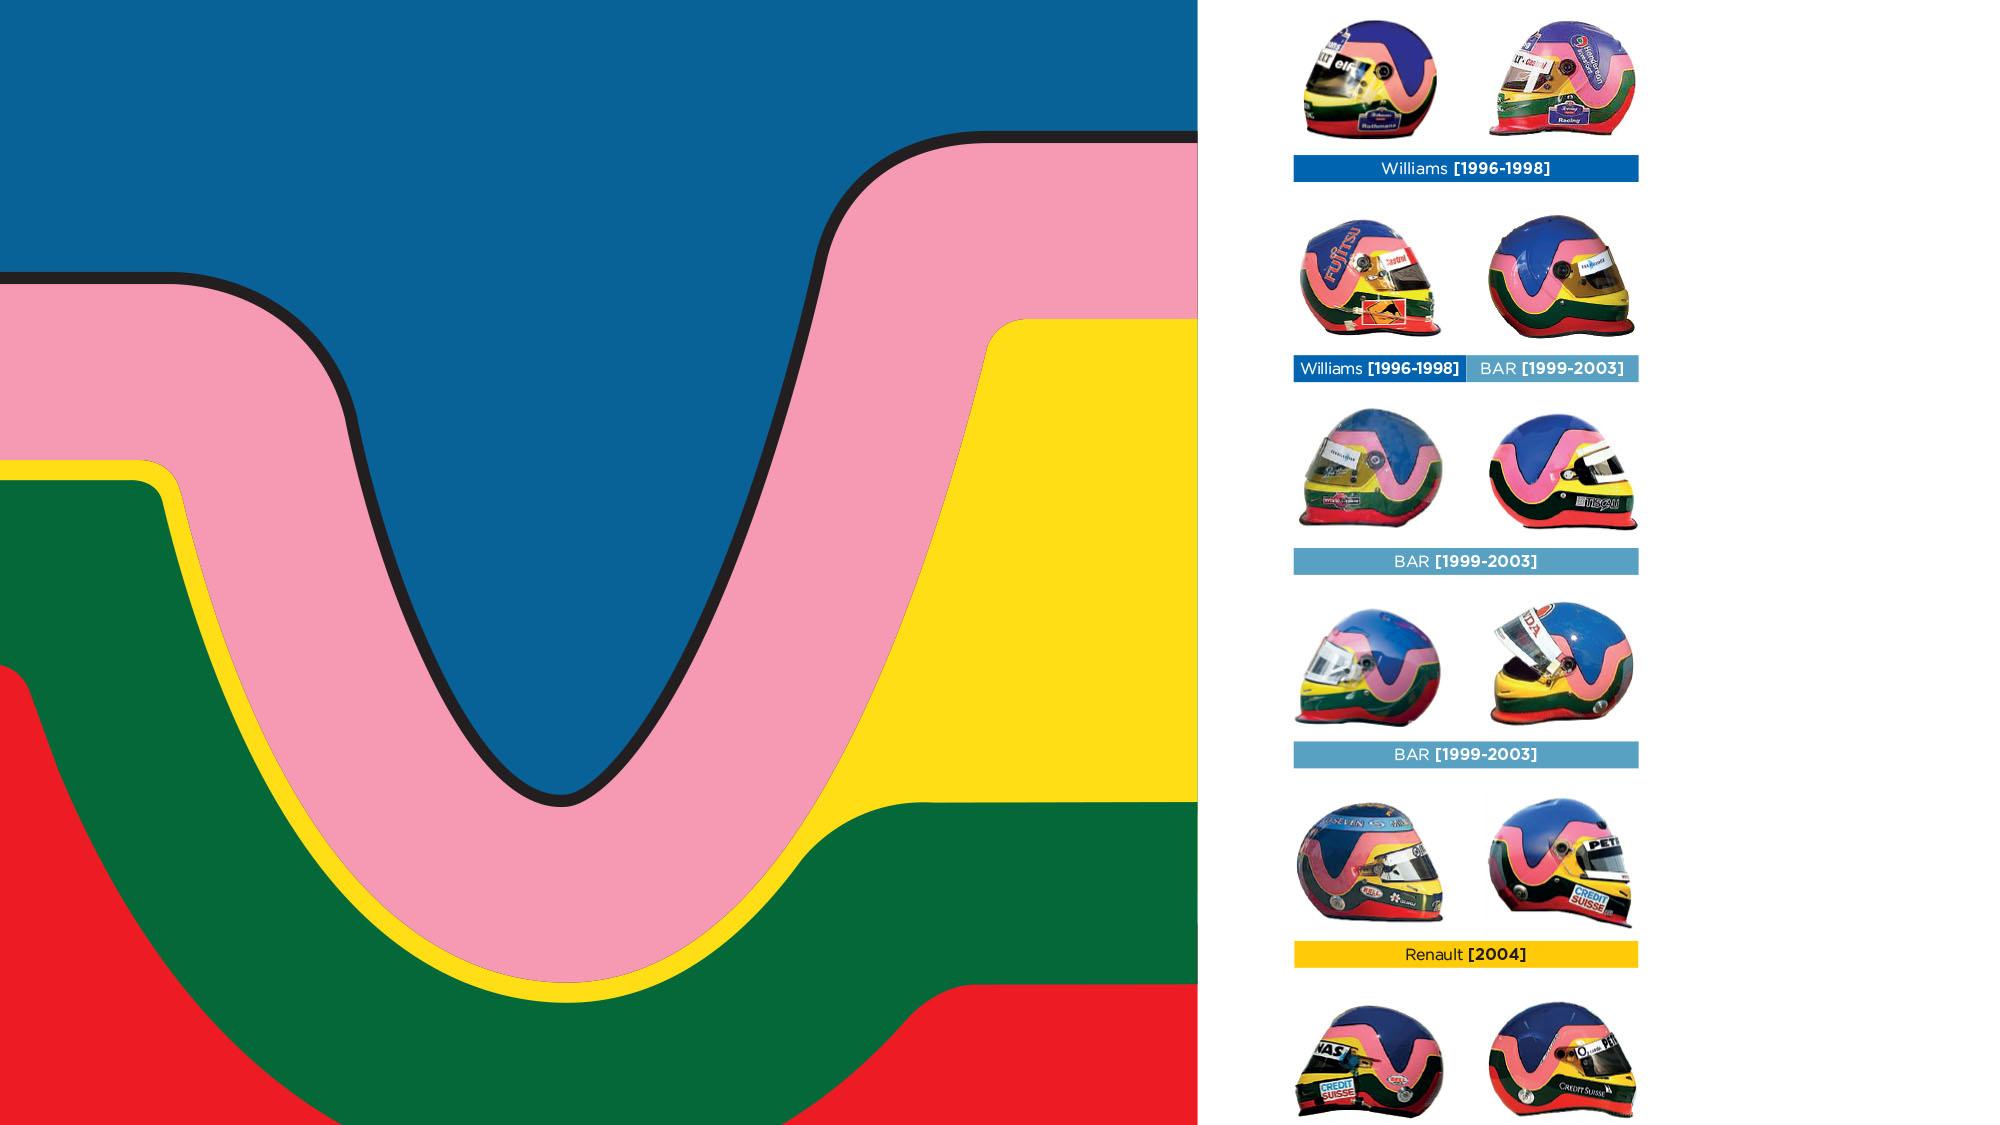 Jacques Villeneuve crash helmet design